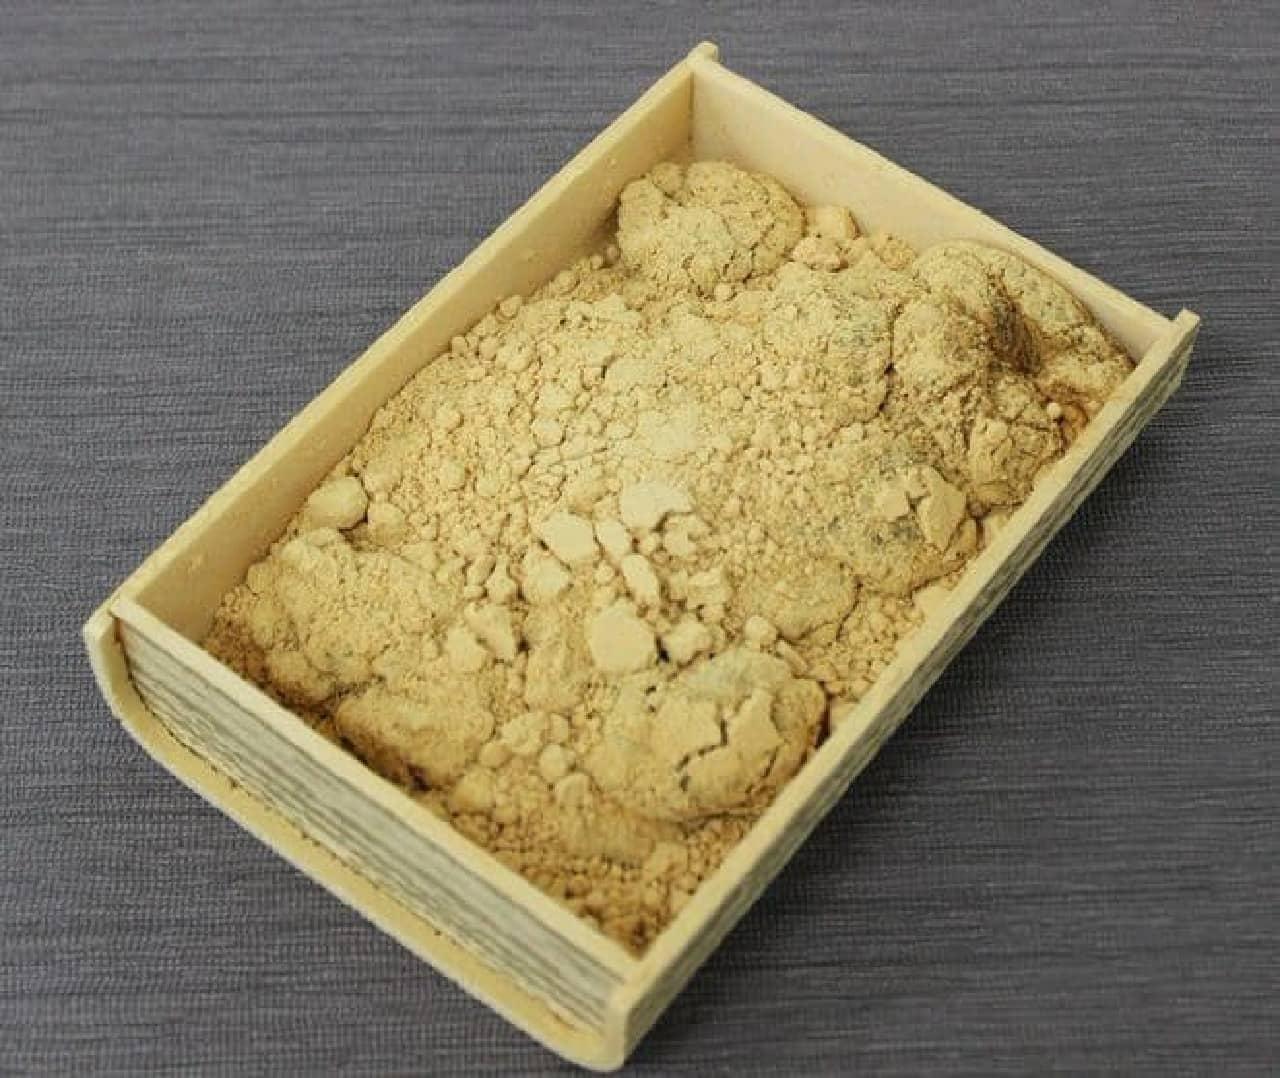 中目黒にある和菓子屋「雅庵」」の絶品わらび餅